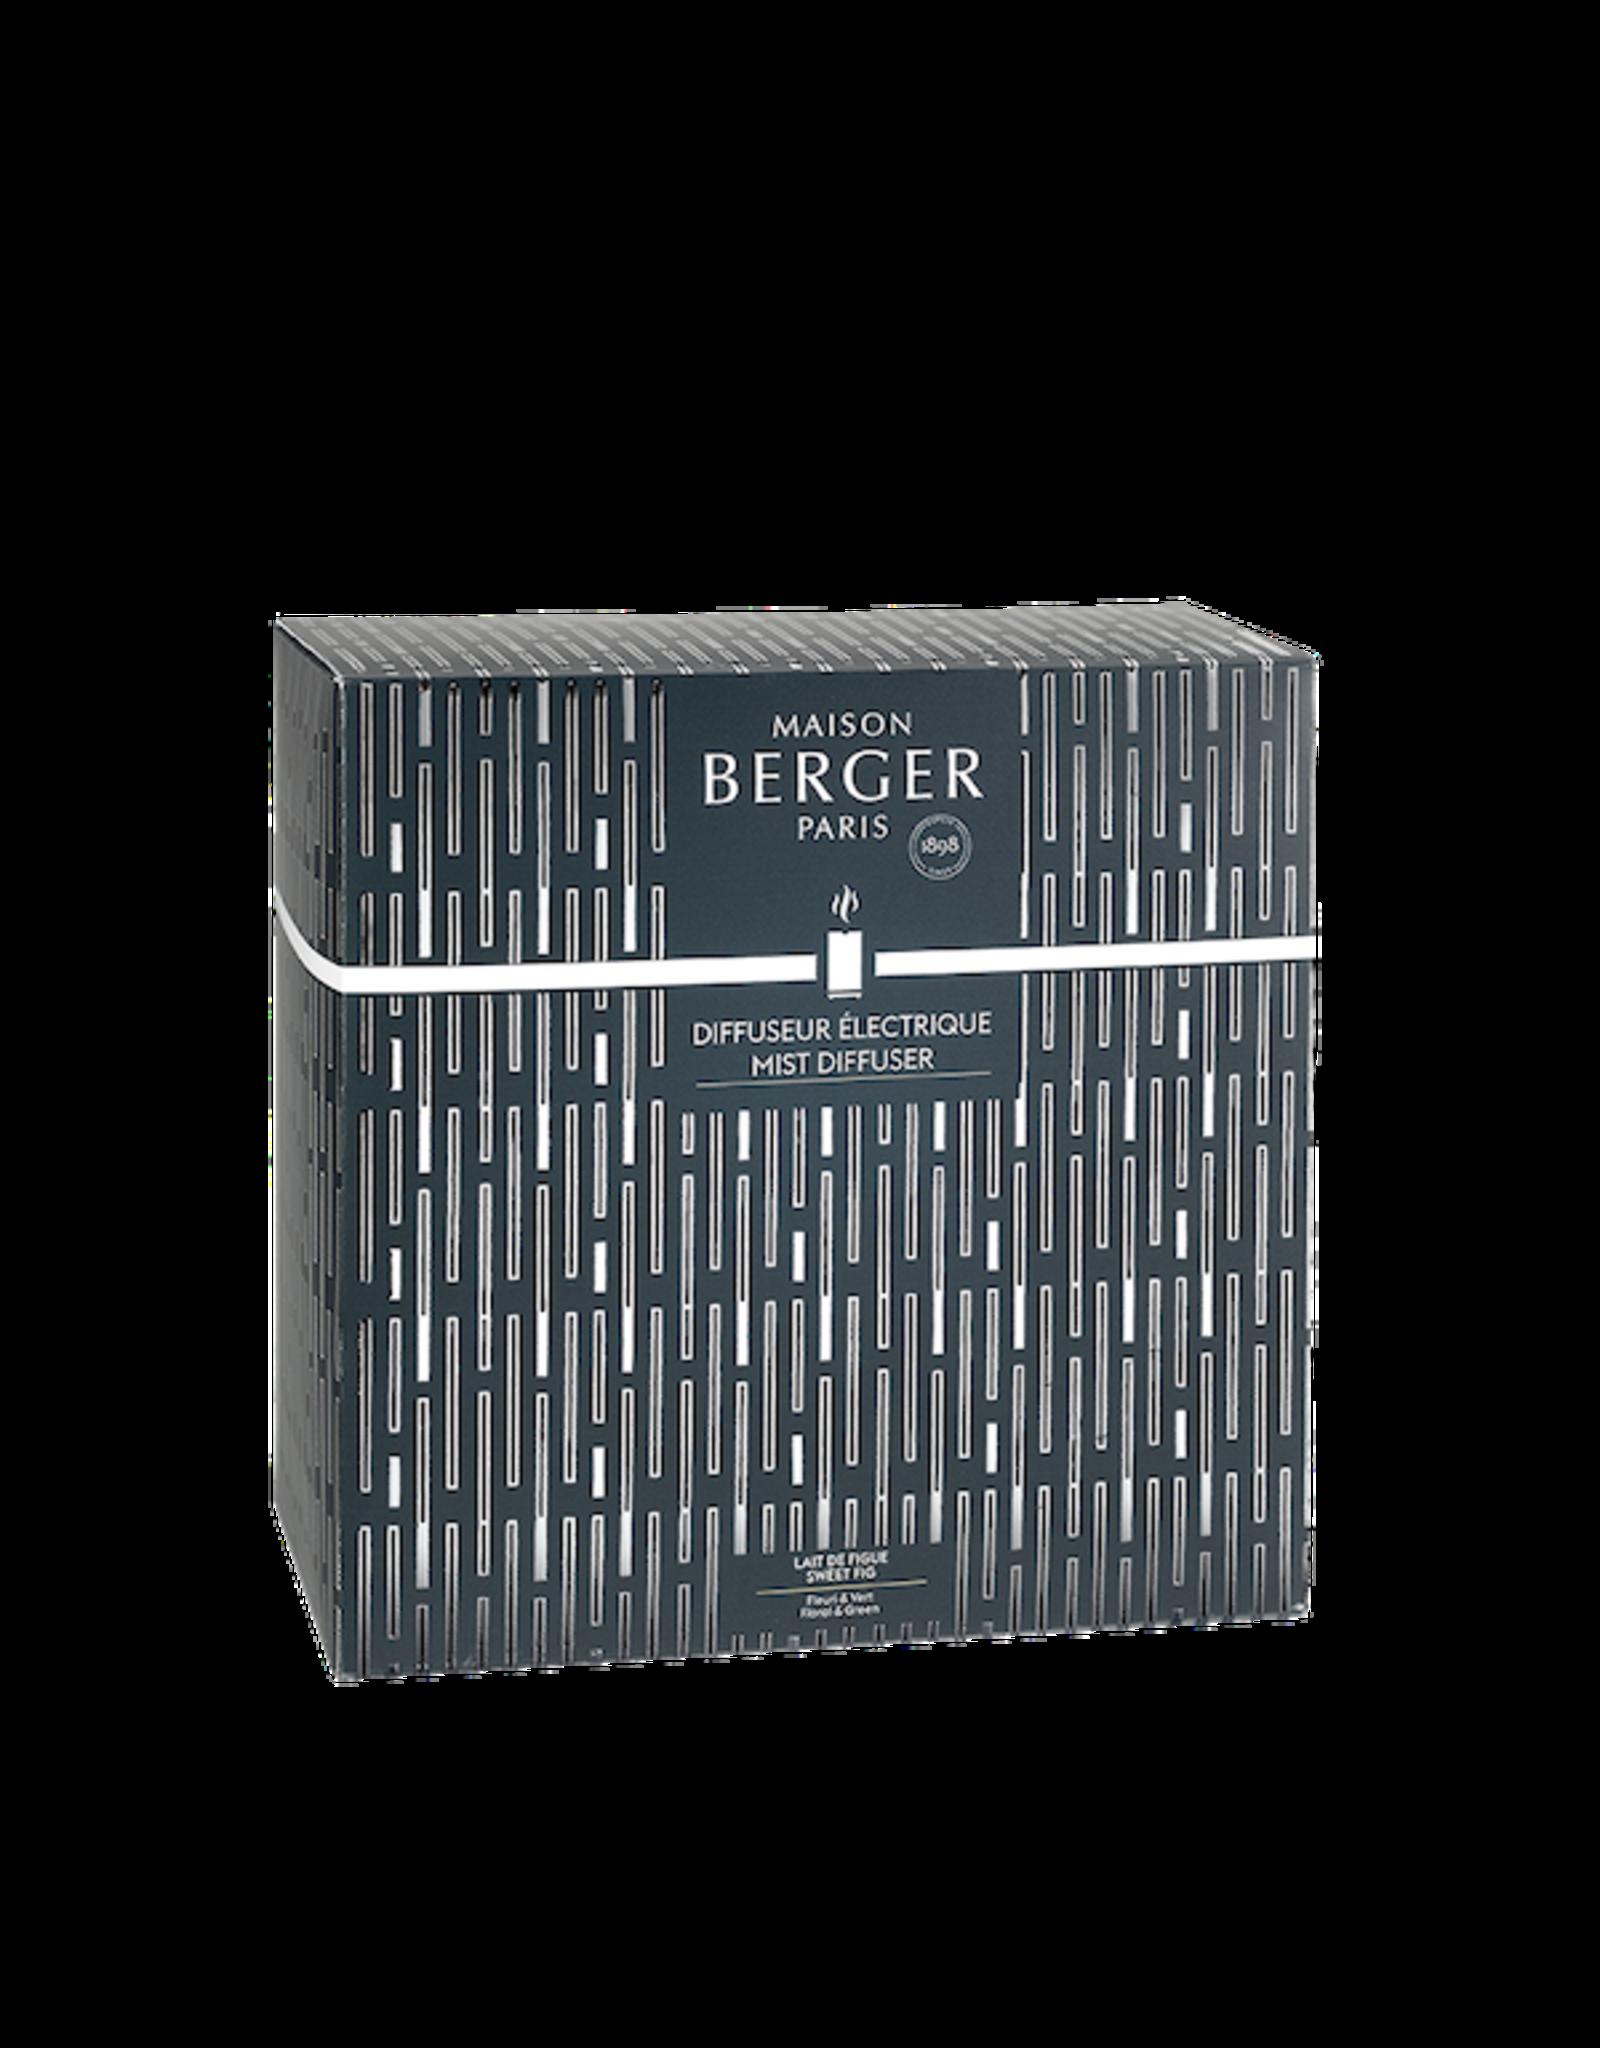 Maison Berger Maison Berger. Mist Diffuser Amphora - Lait de Figue